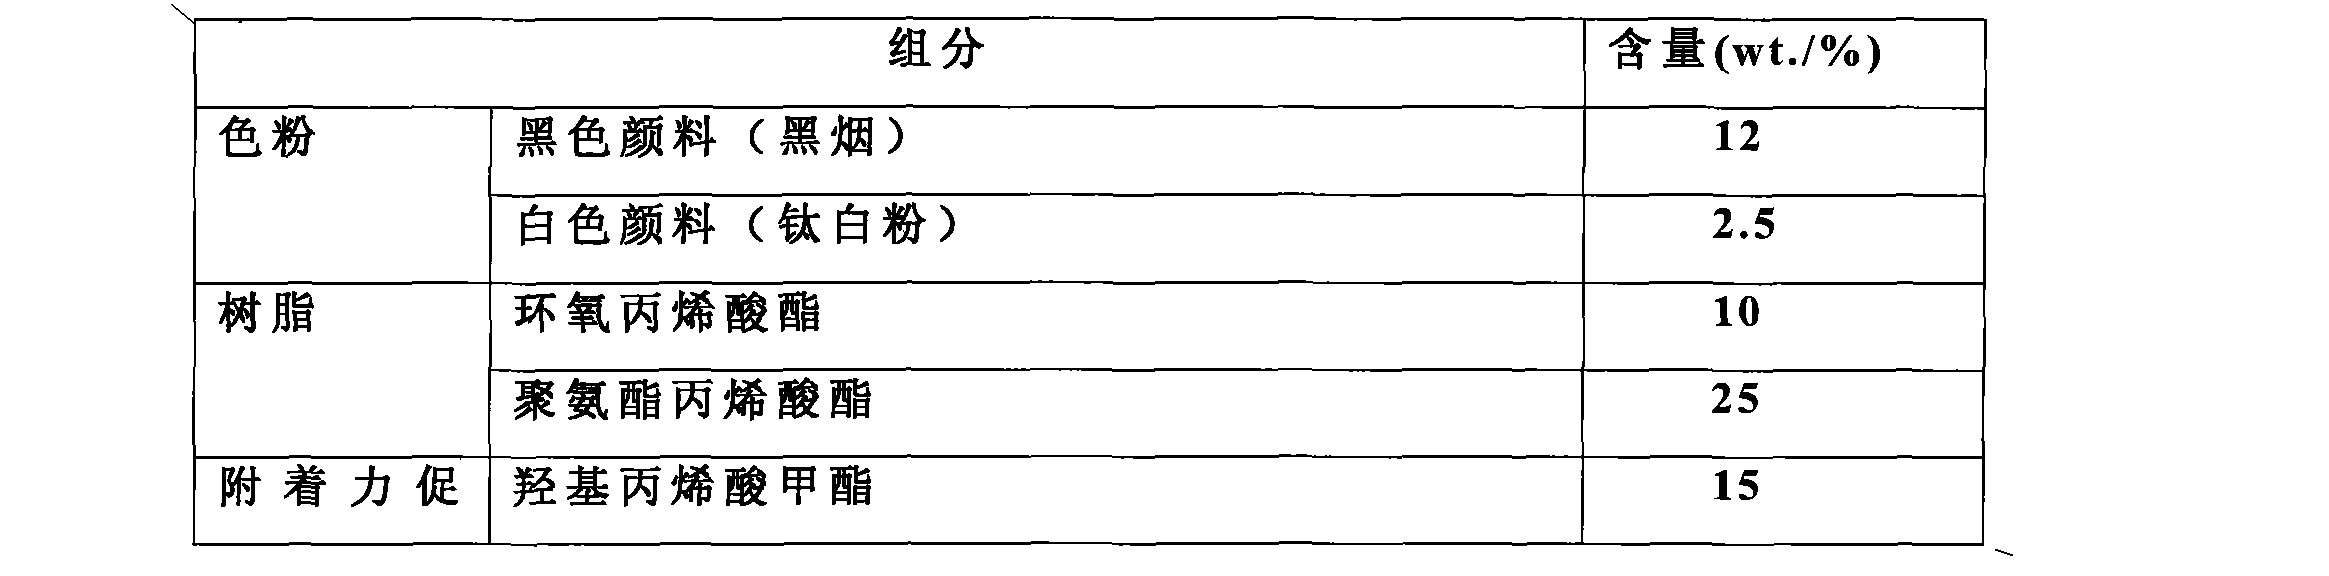 Figure CN101696332BD00052